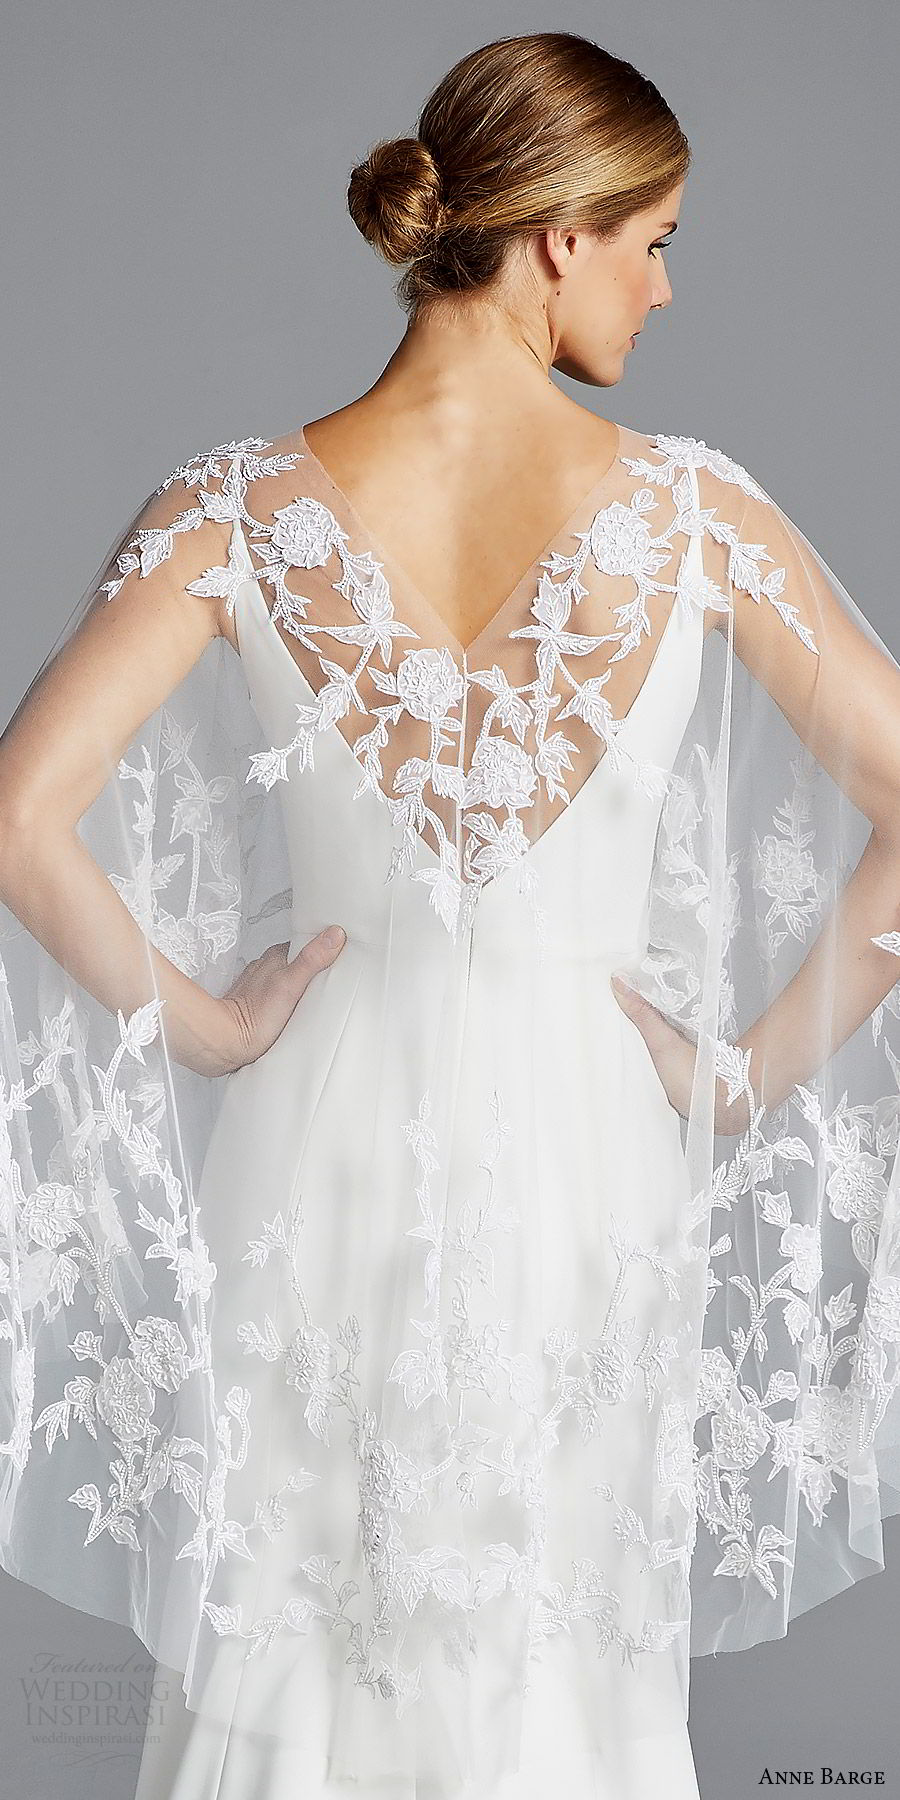 anne barge bridal spring 2019 sleeveless straps v neck sheer capelete sheath wedding dress (elle) zbv sweep train boho chic romantic